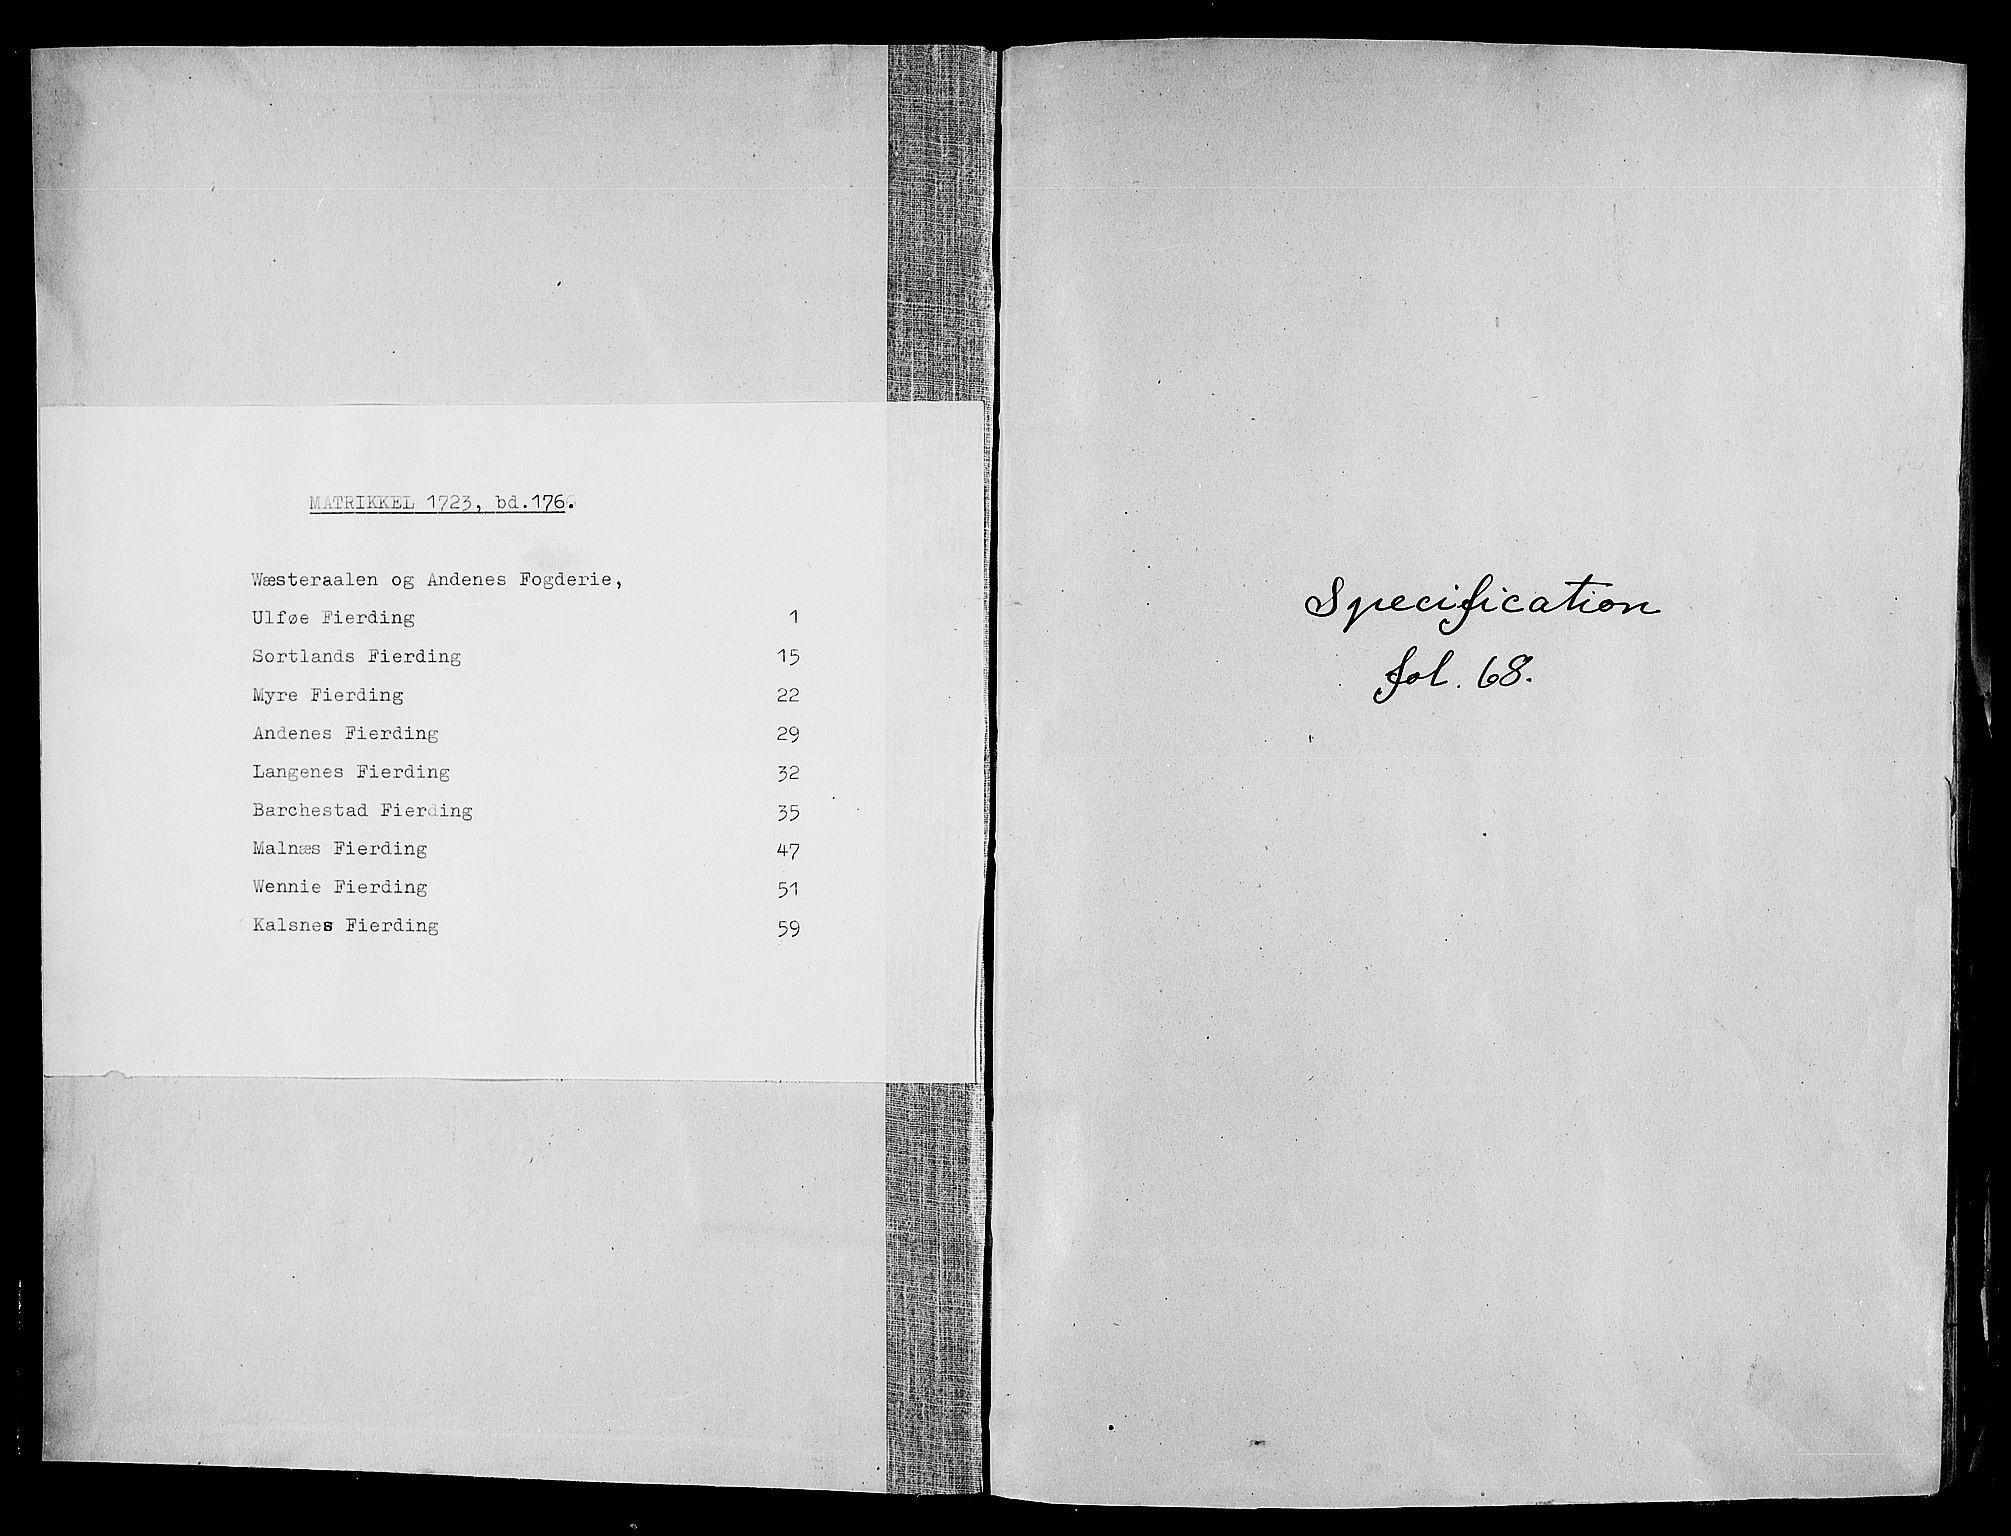 RA, Rentekammeret inntil 1814, Realistisk ordnet avdeling, N/Nb/Nbf/L0176: Vesterålen og Andenes eksaminasjonsprotokoll, 1723, s. upaginert